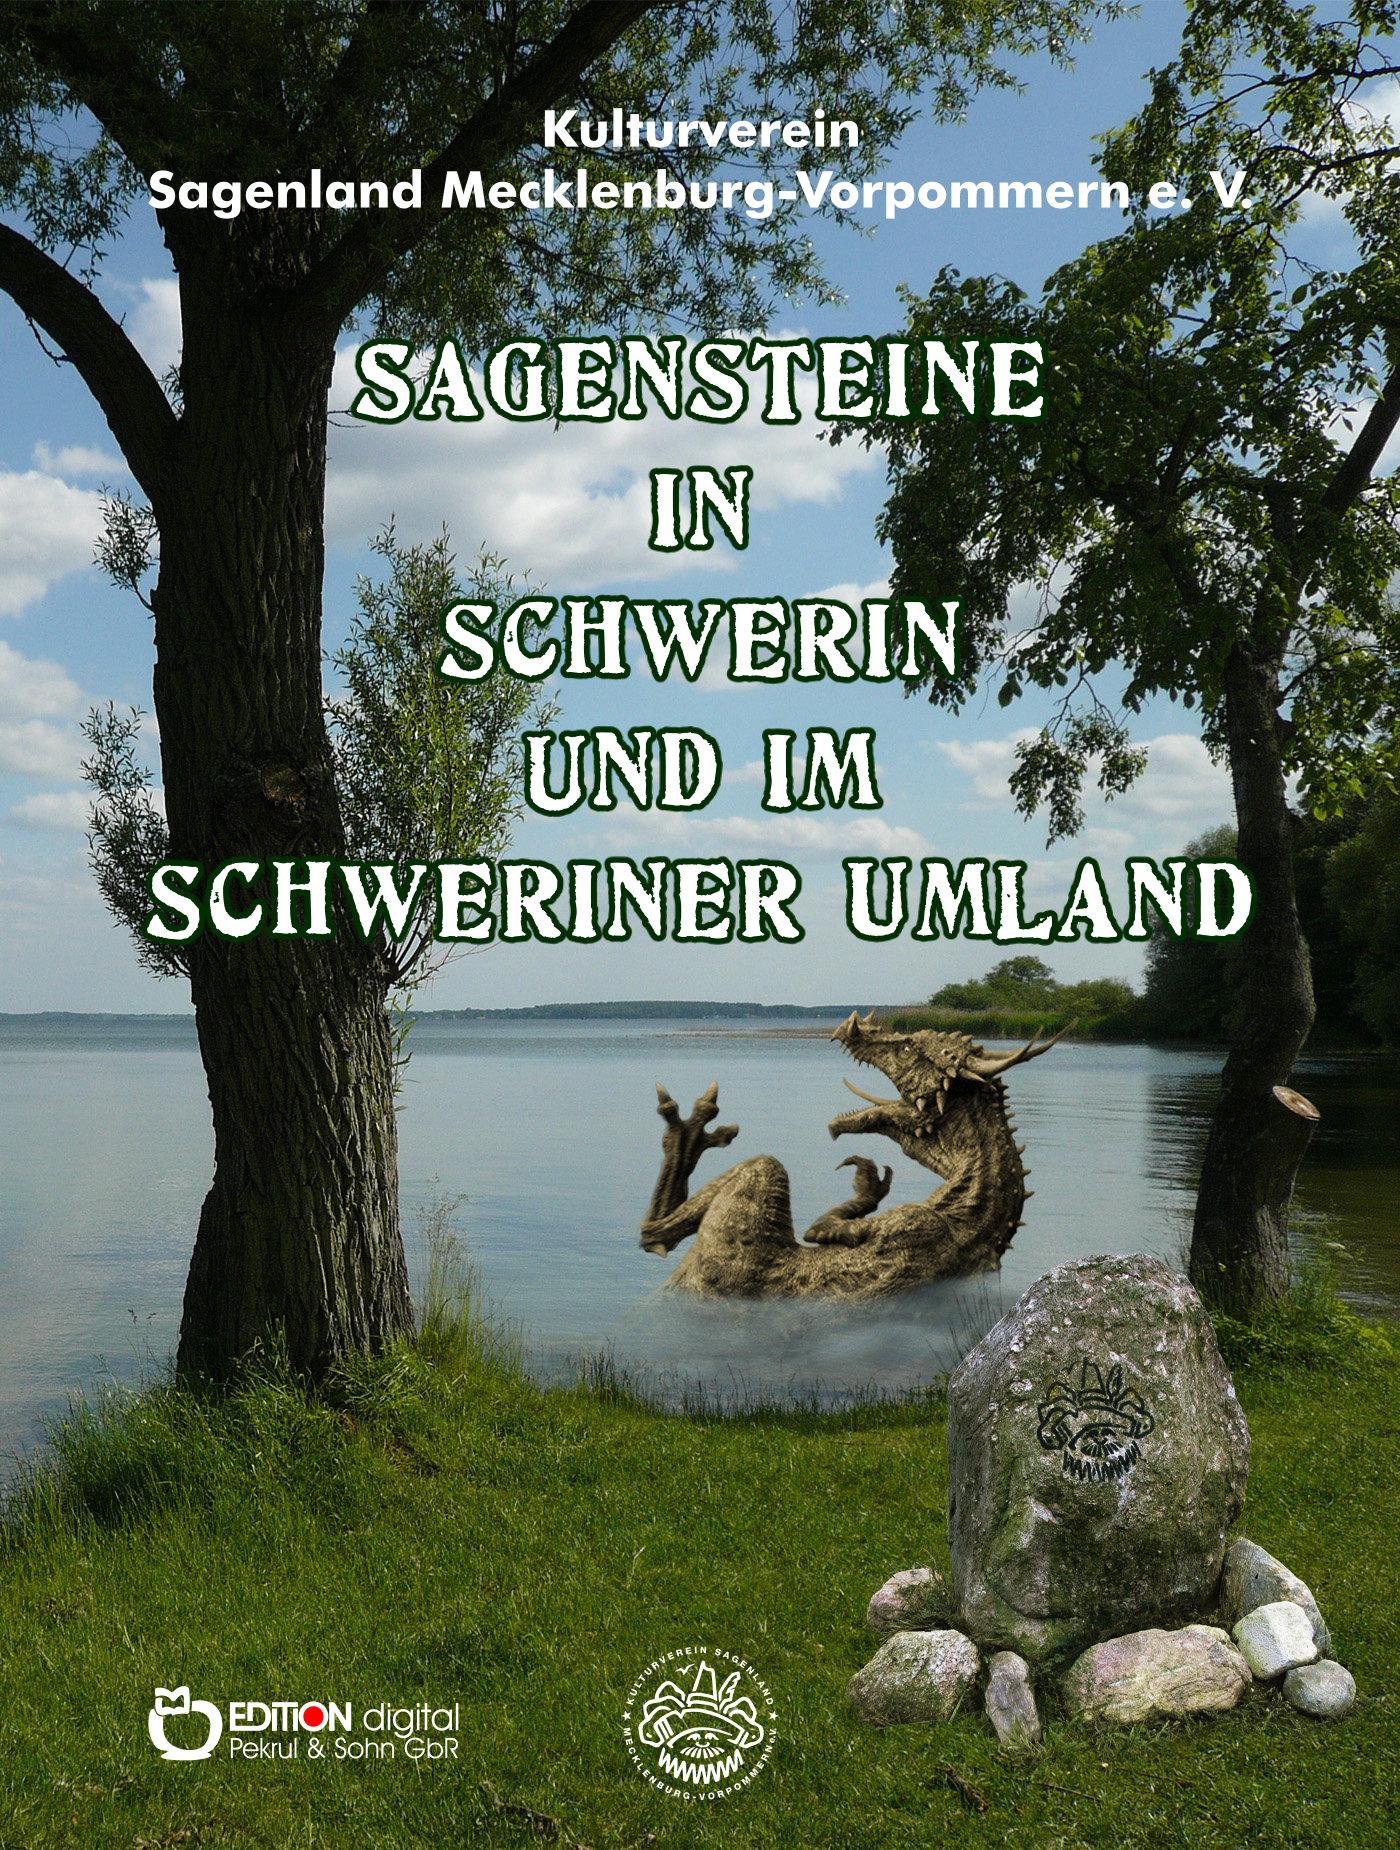 Sagensteine in Schwerin und im Schweriner Umland. 2. überarbeitete und erweiterte Ausgabe von Mecklenburg-Vorpommern Kulturverein Sagenland, Alphonse Allais (Autor), Eckart Bomke (Autor)